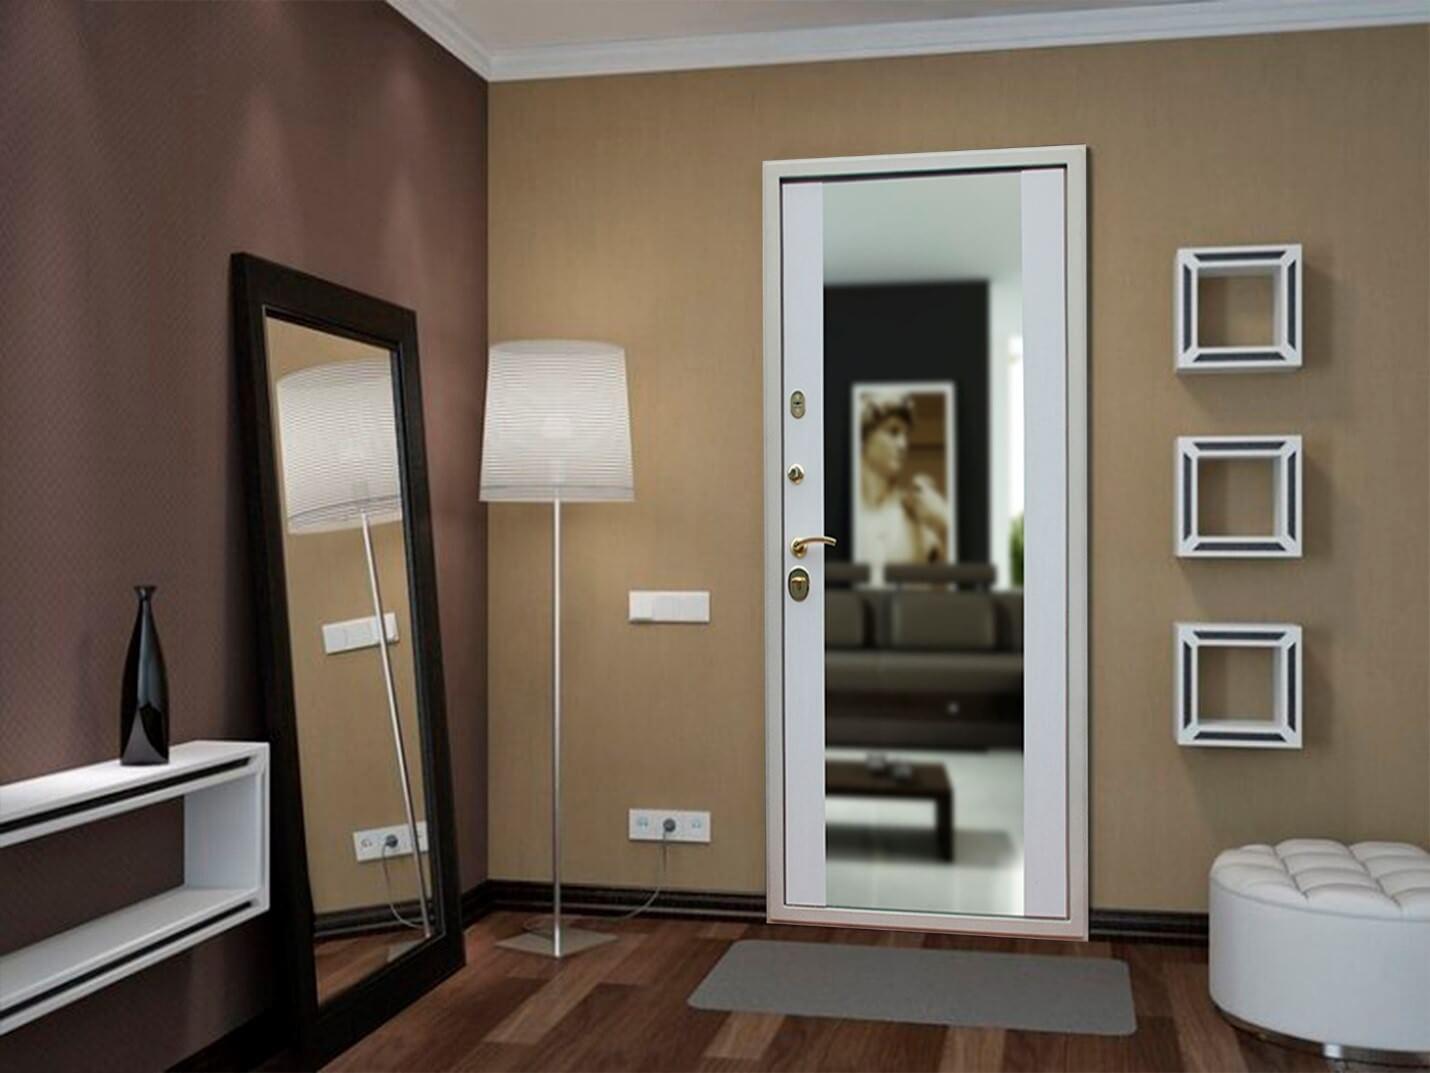 Входные двери с зеркалом: фото в интерьере квартиры